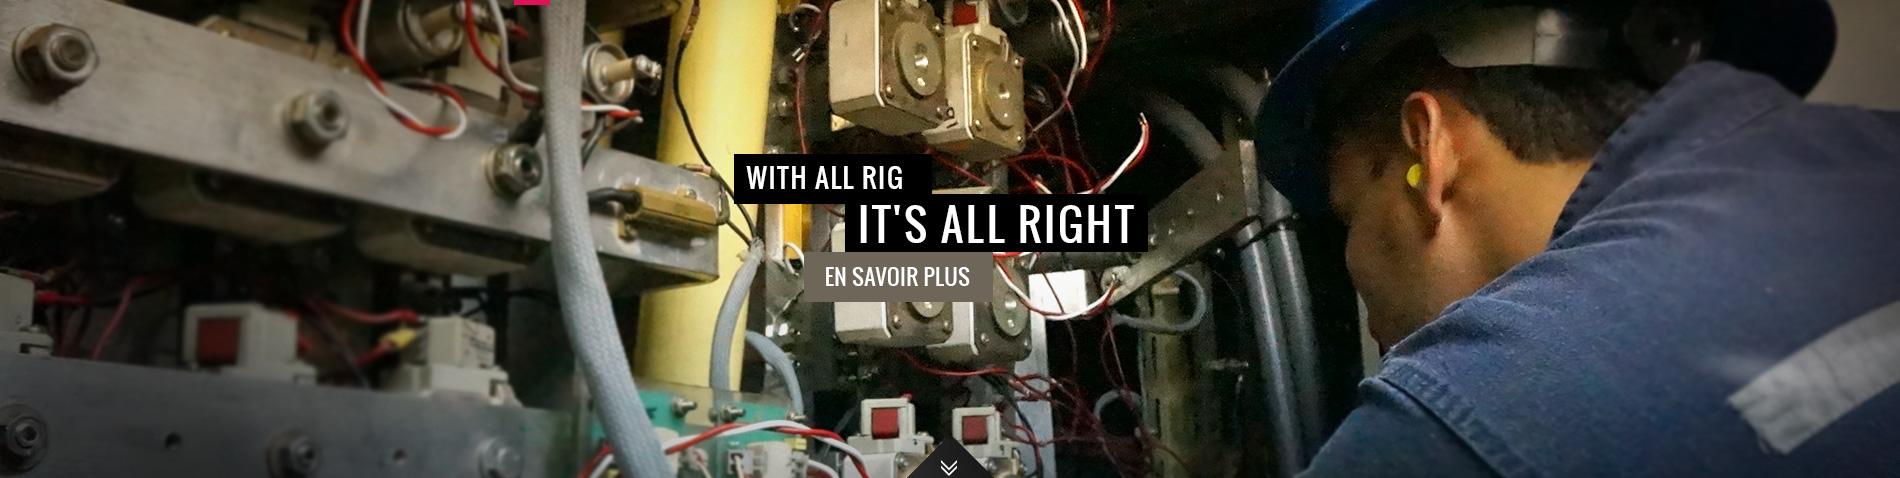 All-Rig, des experts en électrotechnique et informatique industrielle à votre service